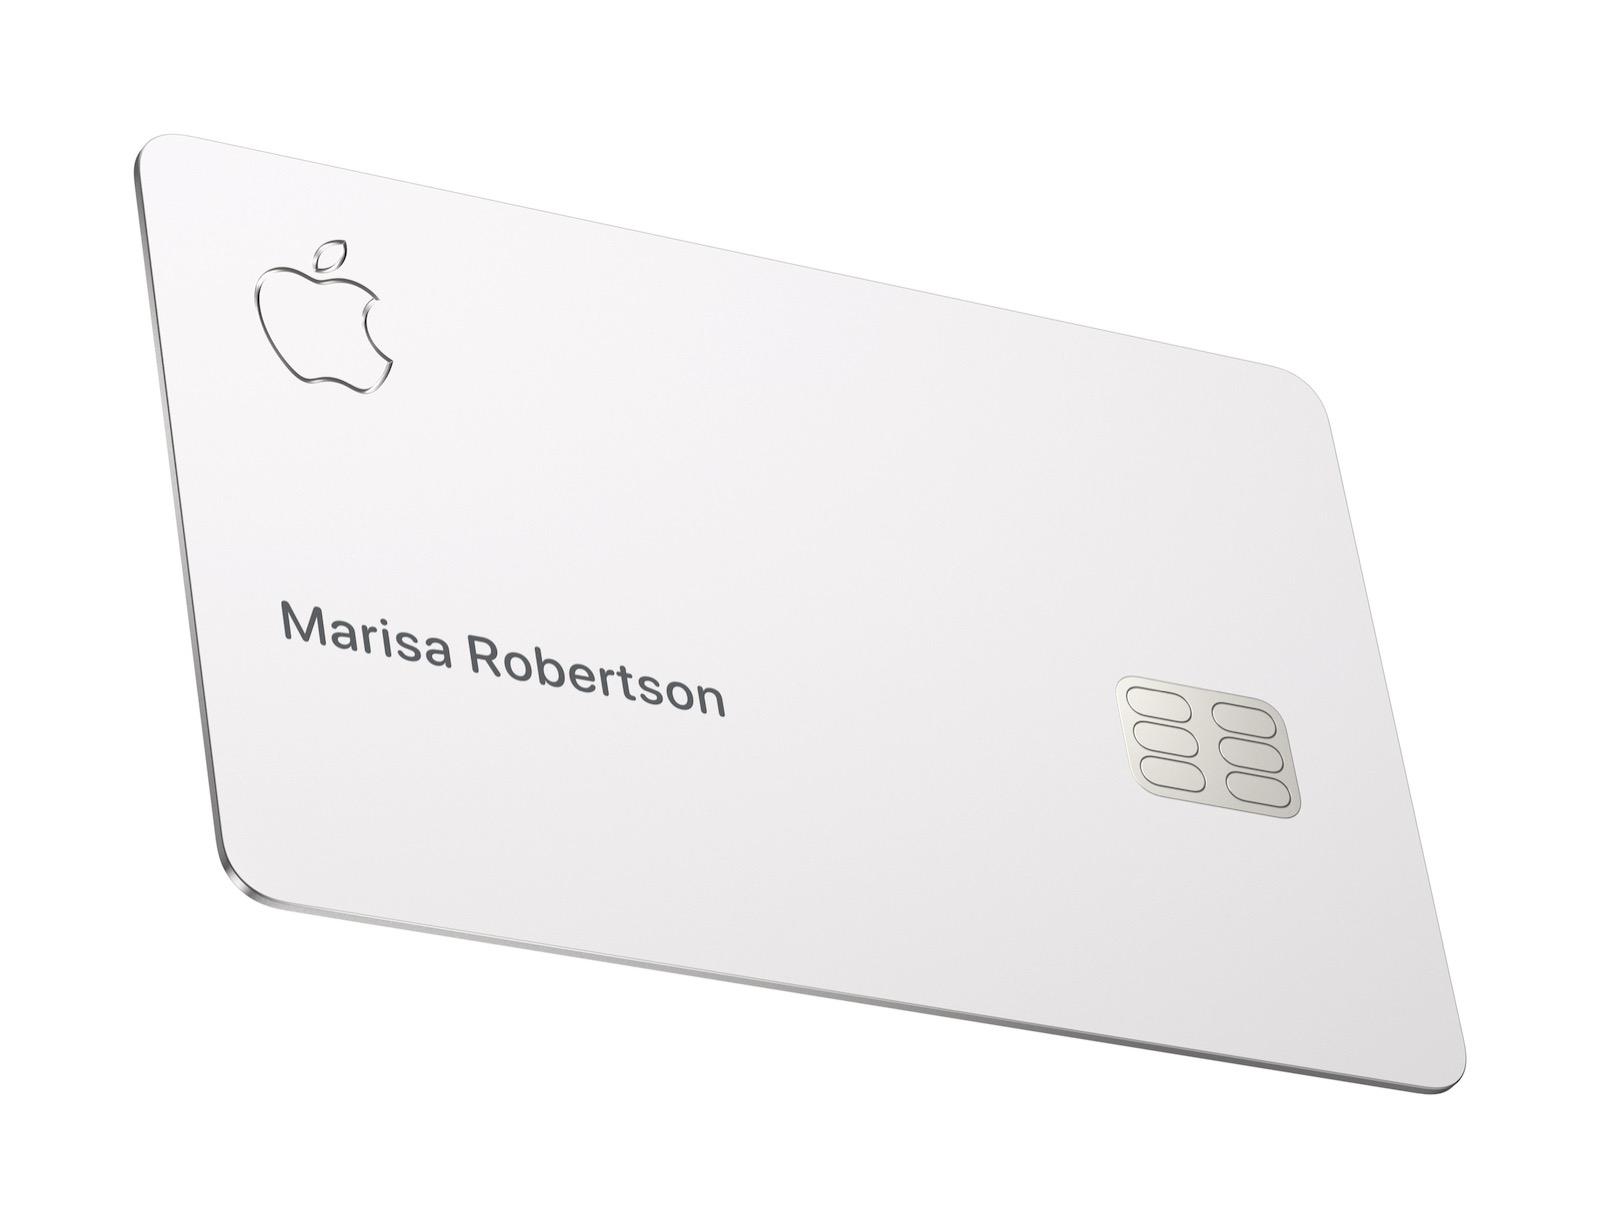 Apple-Card-available-today-Apple-Card-082019.jpg